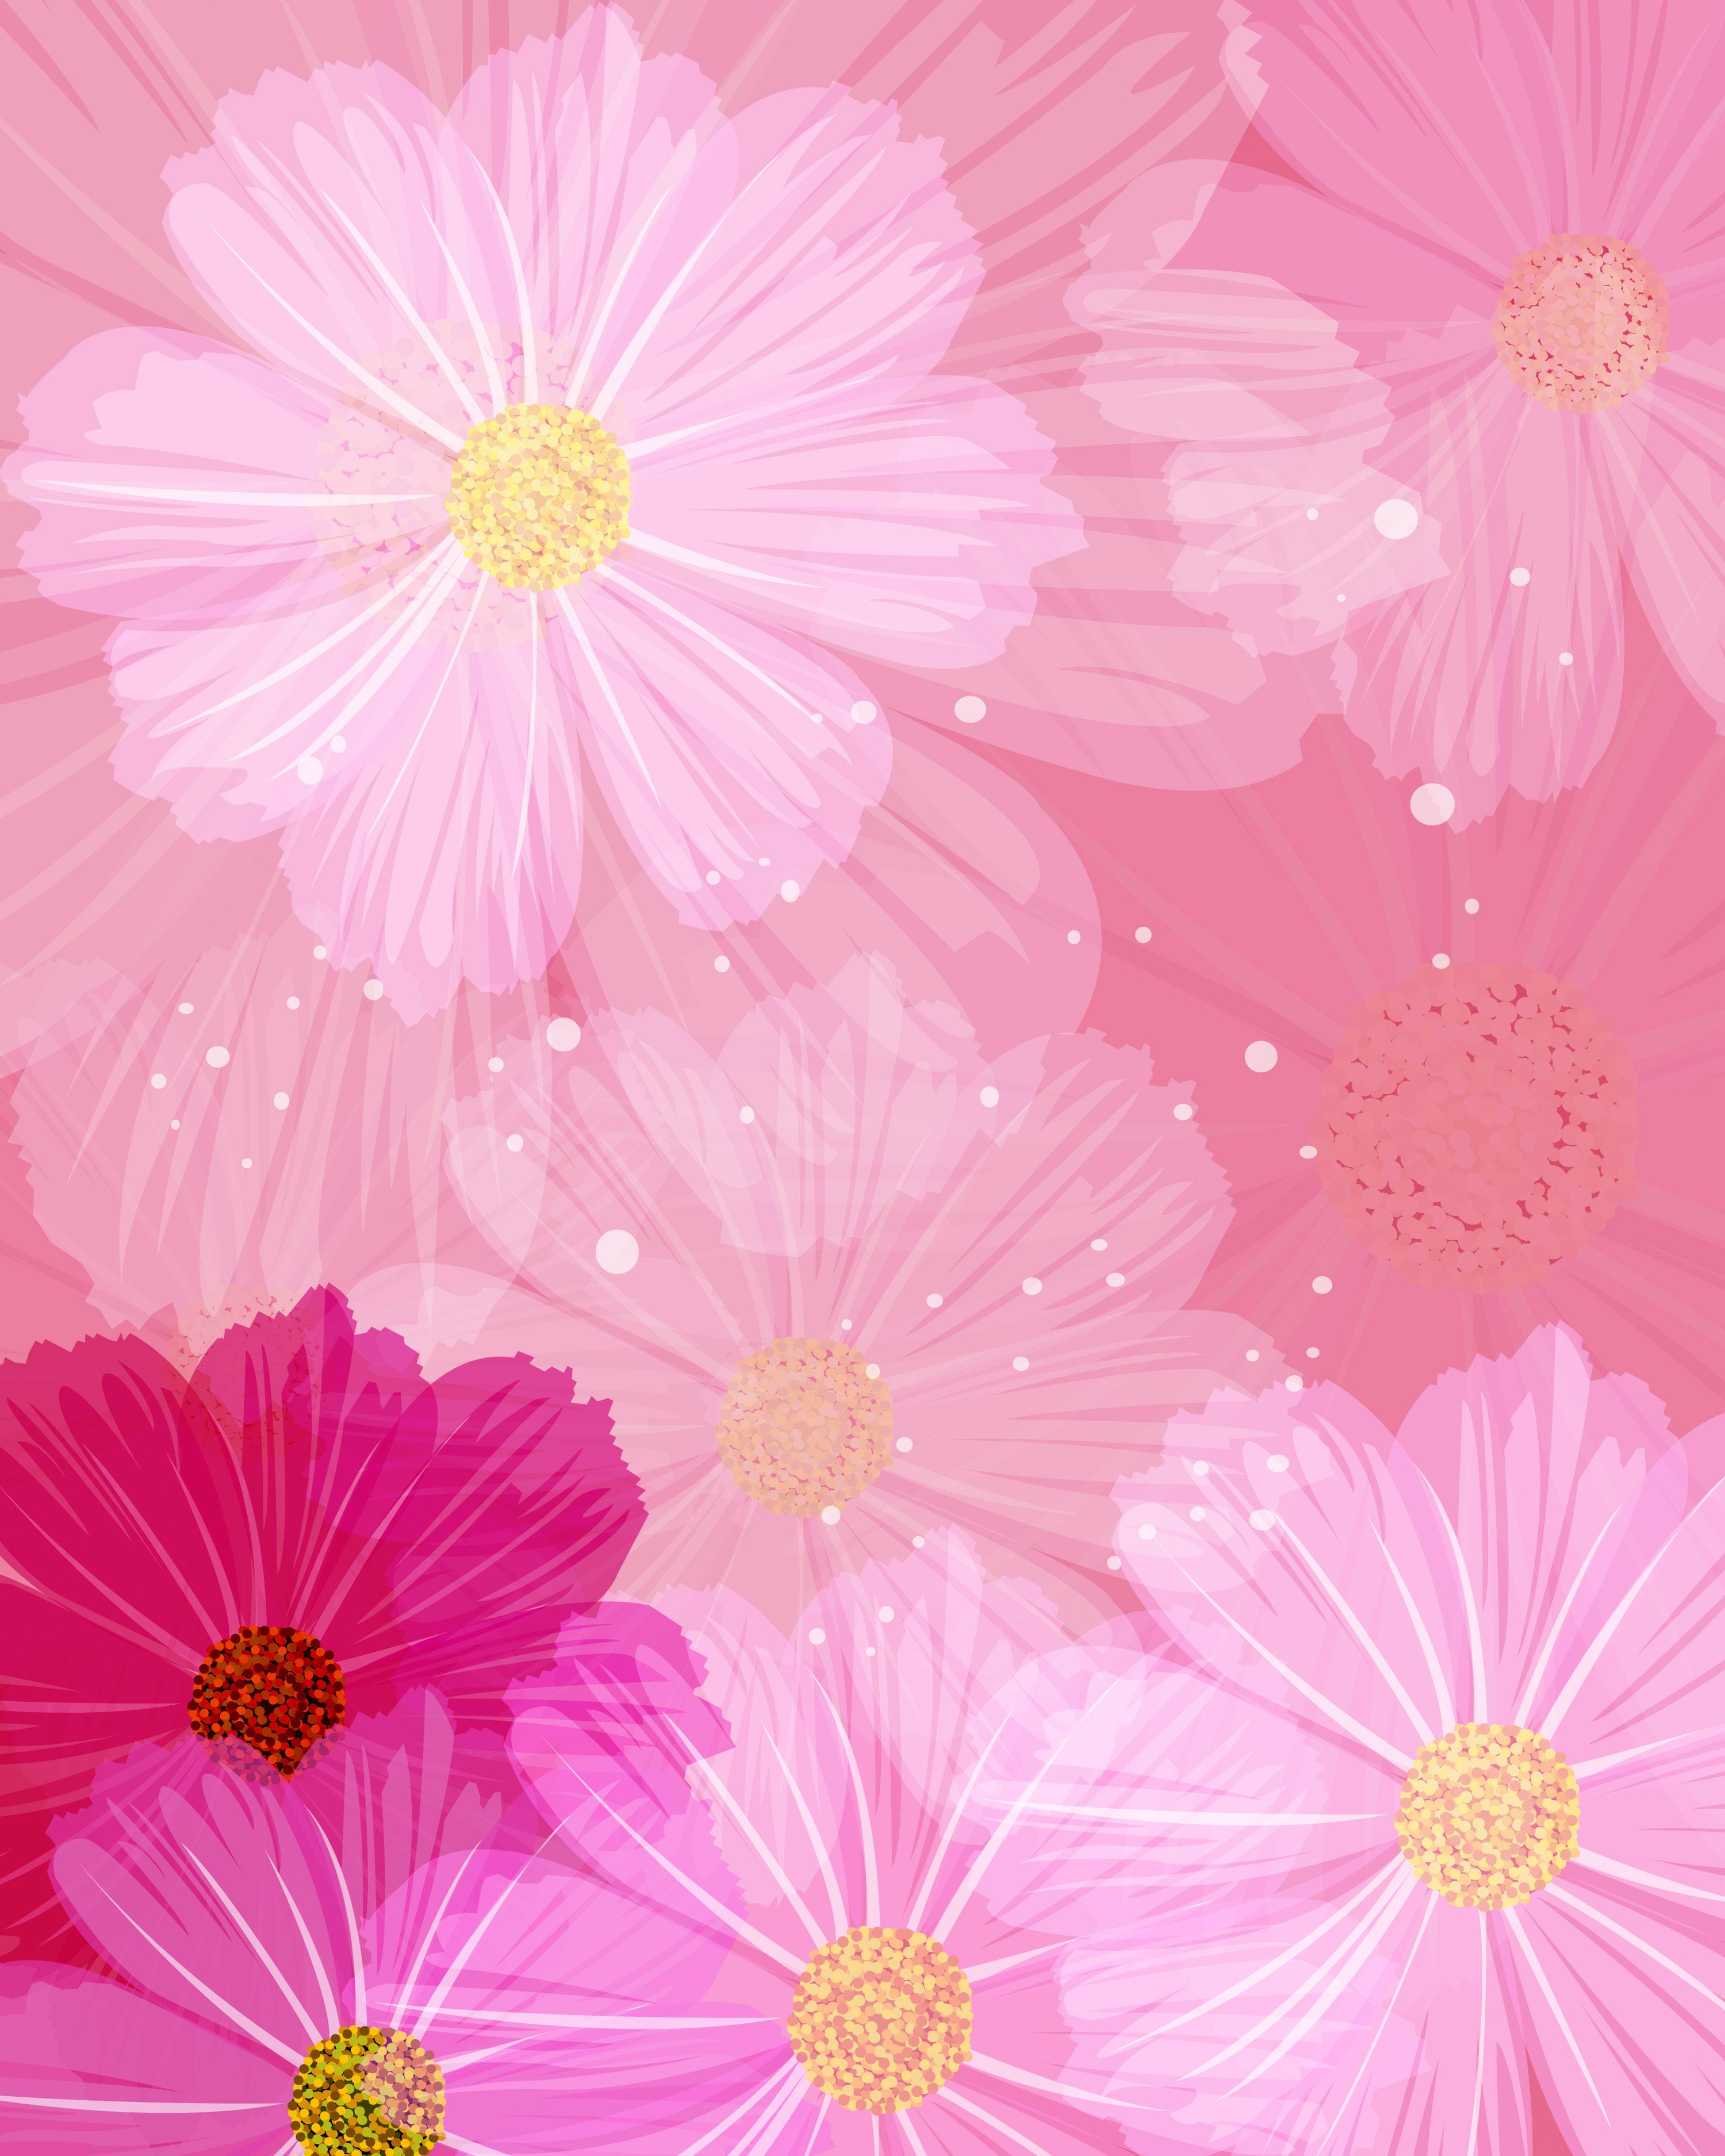 秋のイラストno167コスモスの壁紙無料のフリー素材集花鳥風月